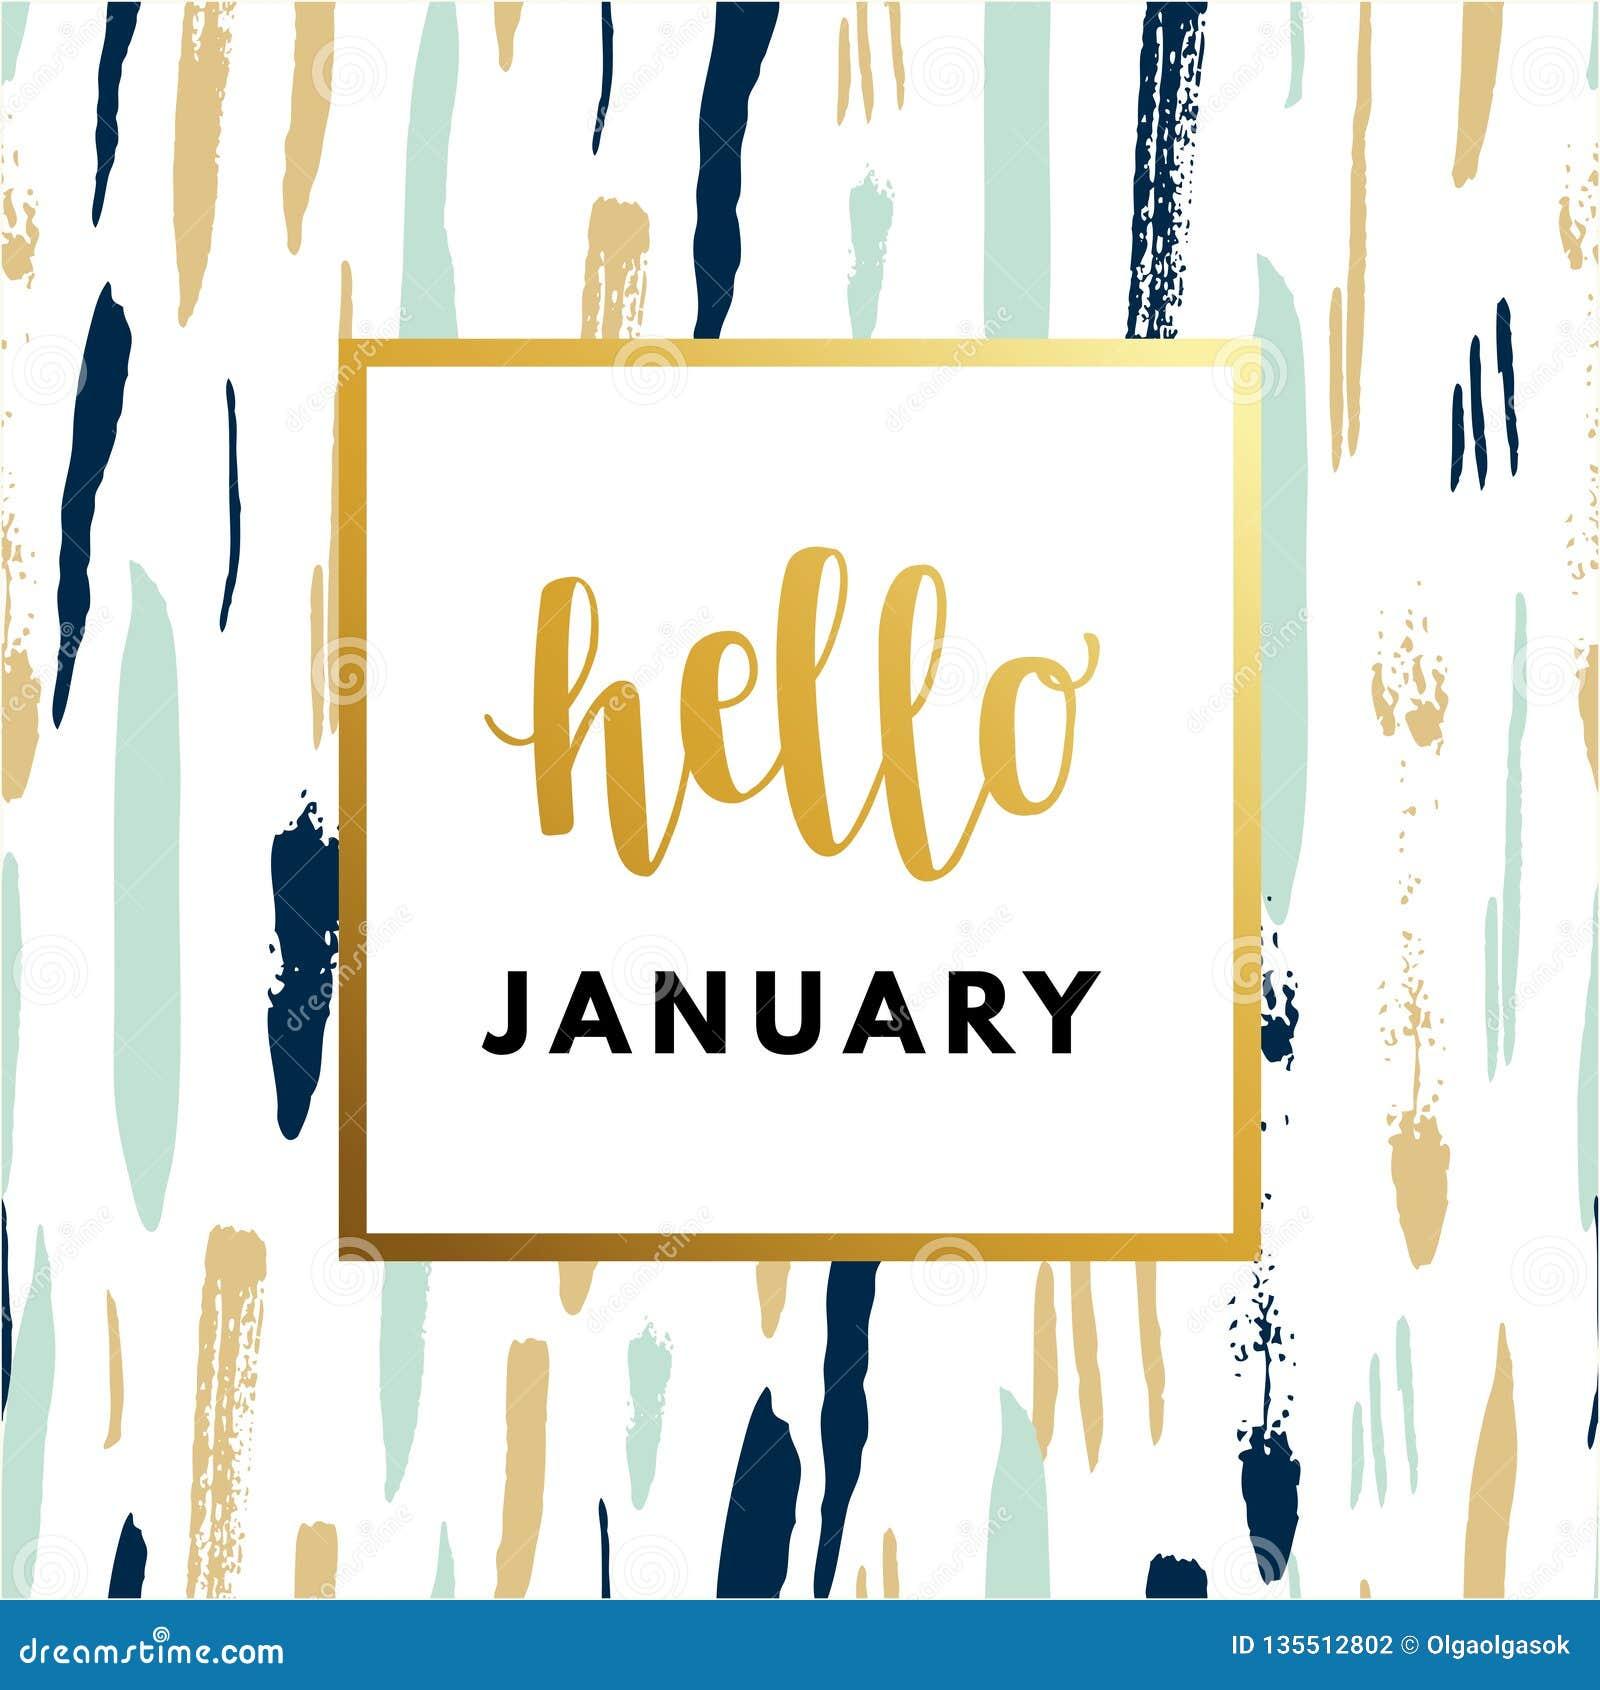 Hallo hauen Januar das Jahr kreativ, minimale Wintergrußkarte